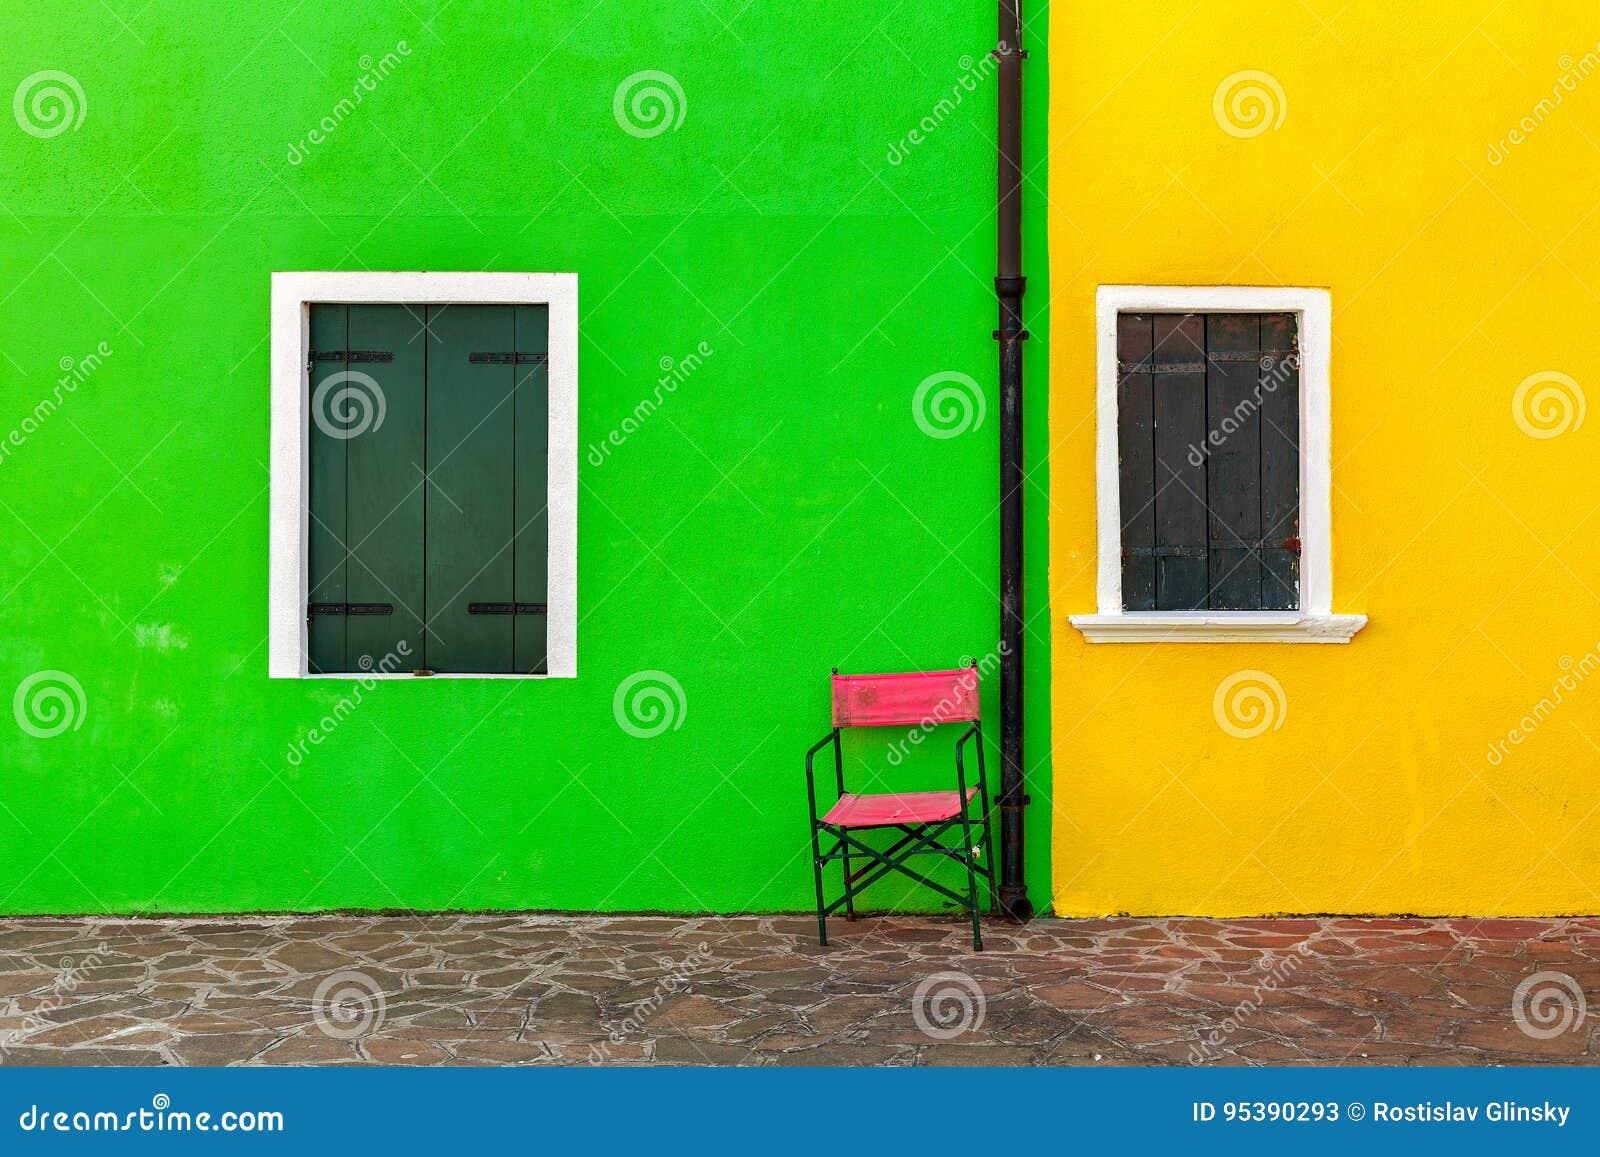 Extérieur Coloré De La Maison Dans Burano Image Stock